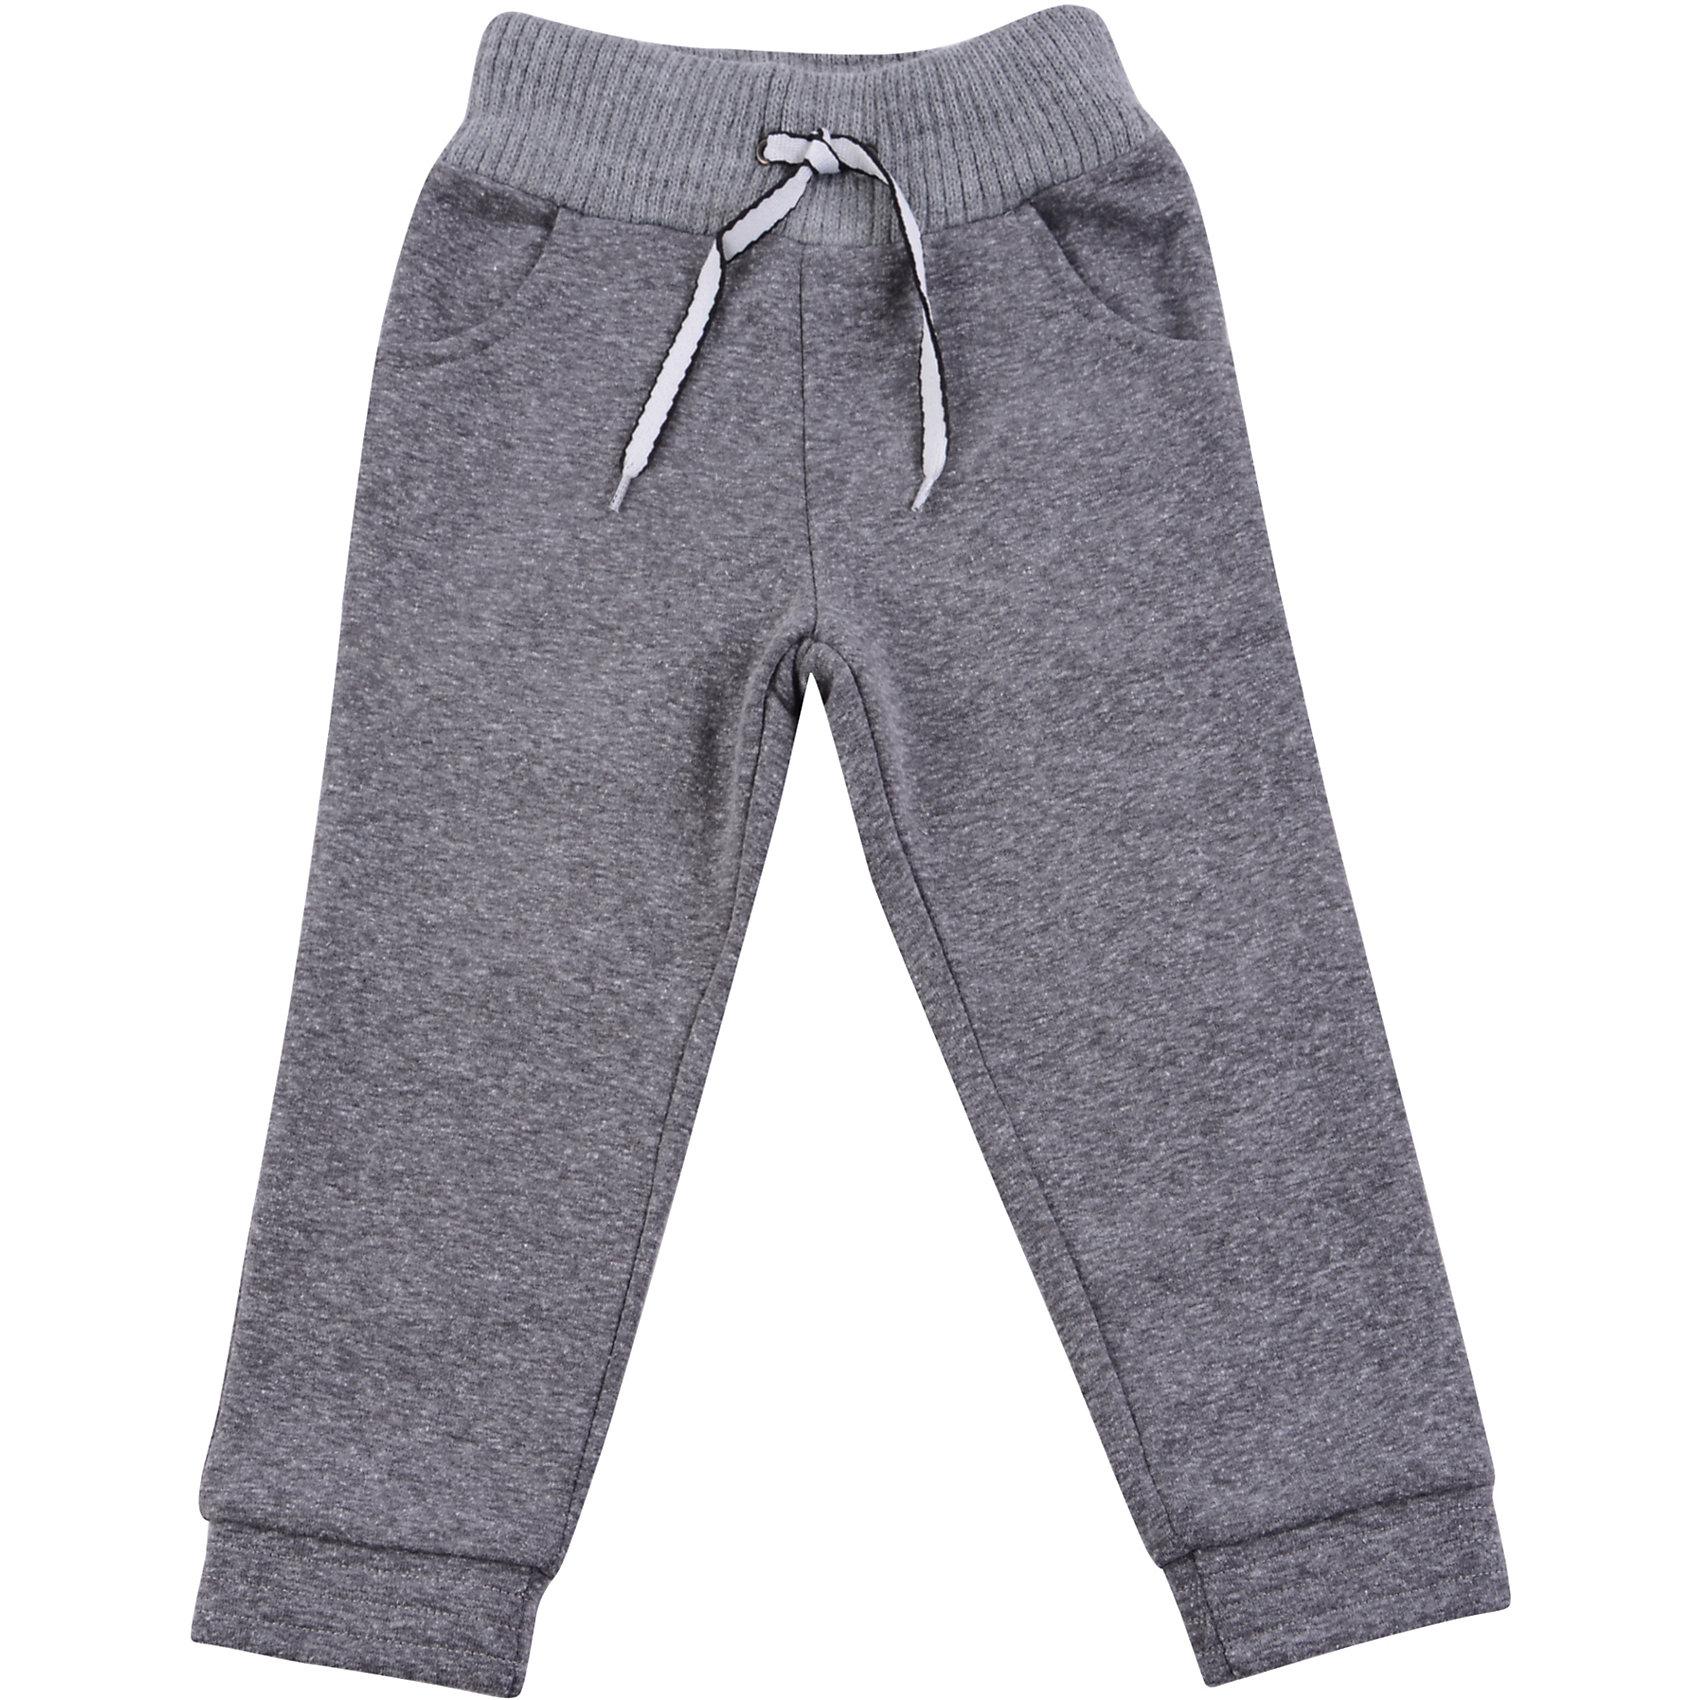 Спортивные штаны для мальчика WojcikБрюки<br>Характеристики товара:<br><br>• цвет: серый<br>• состав ткани: 97% хлопок, 3% эластан <br>• сезон: демисезон<br>• особенности модели: спортивный стиль<br>• пояс: резинка, шнурок<br>• страна бренда: Польша<br>• страна изготовитель: Польша<br><br>Спортивные штаны для мальчика Wojcik комфортно сидят по фигуре. Эти детские штаны дополнены манжетами. Спортивные штаны для детей - дышащие и комфортные. Одежда для детей из Польши от бренда Wojcik отличается хорошим качеством и стилем. <br><br>Спортивные штаны для мальчика Wojcik (Войчик) можно купить в нашем интернет-магазине.<br><br>Ширина мм: 215<br>Глубина мм: 88<br>Высота мм: 191<br>Вес г: 336<br>Цвет: серый<br>Возраст от месяцев: 24<br>Возраст до месяцев: 36<br>Пол: Мужской<br>Возраст: Детский<br>Размер: 98,92,134,128,122,116,110,104<br>SKU: 5592137